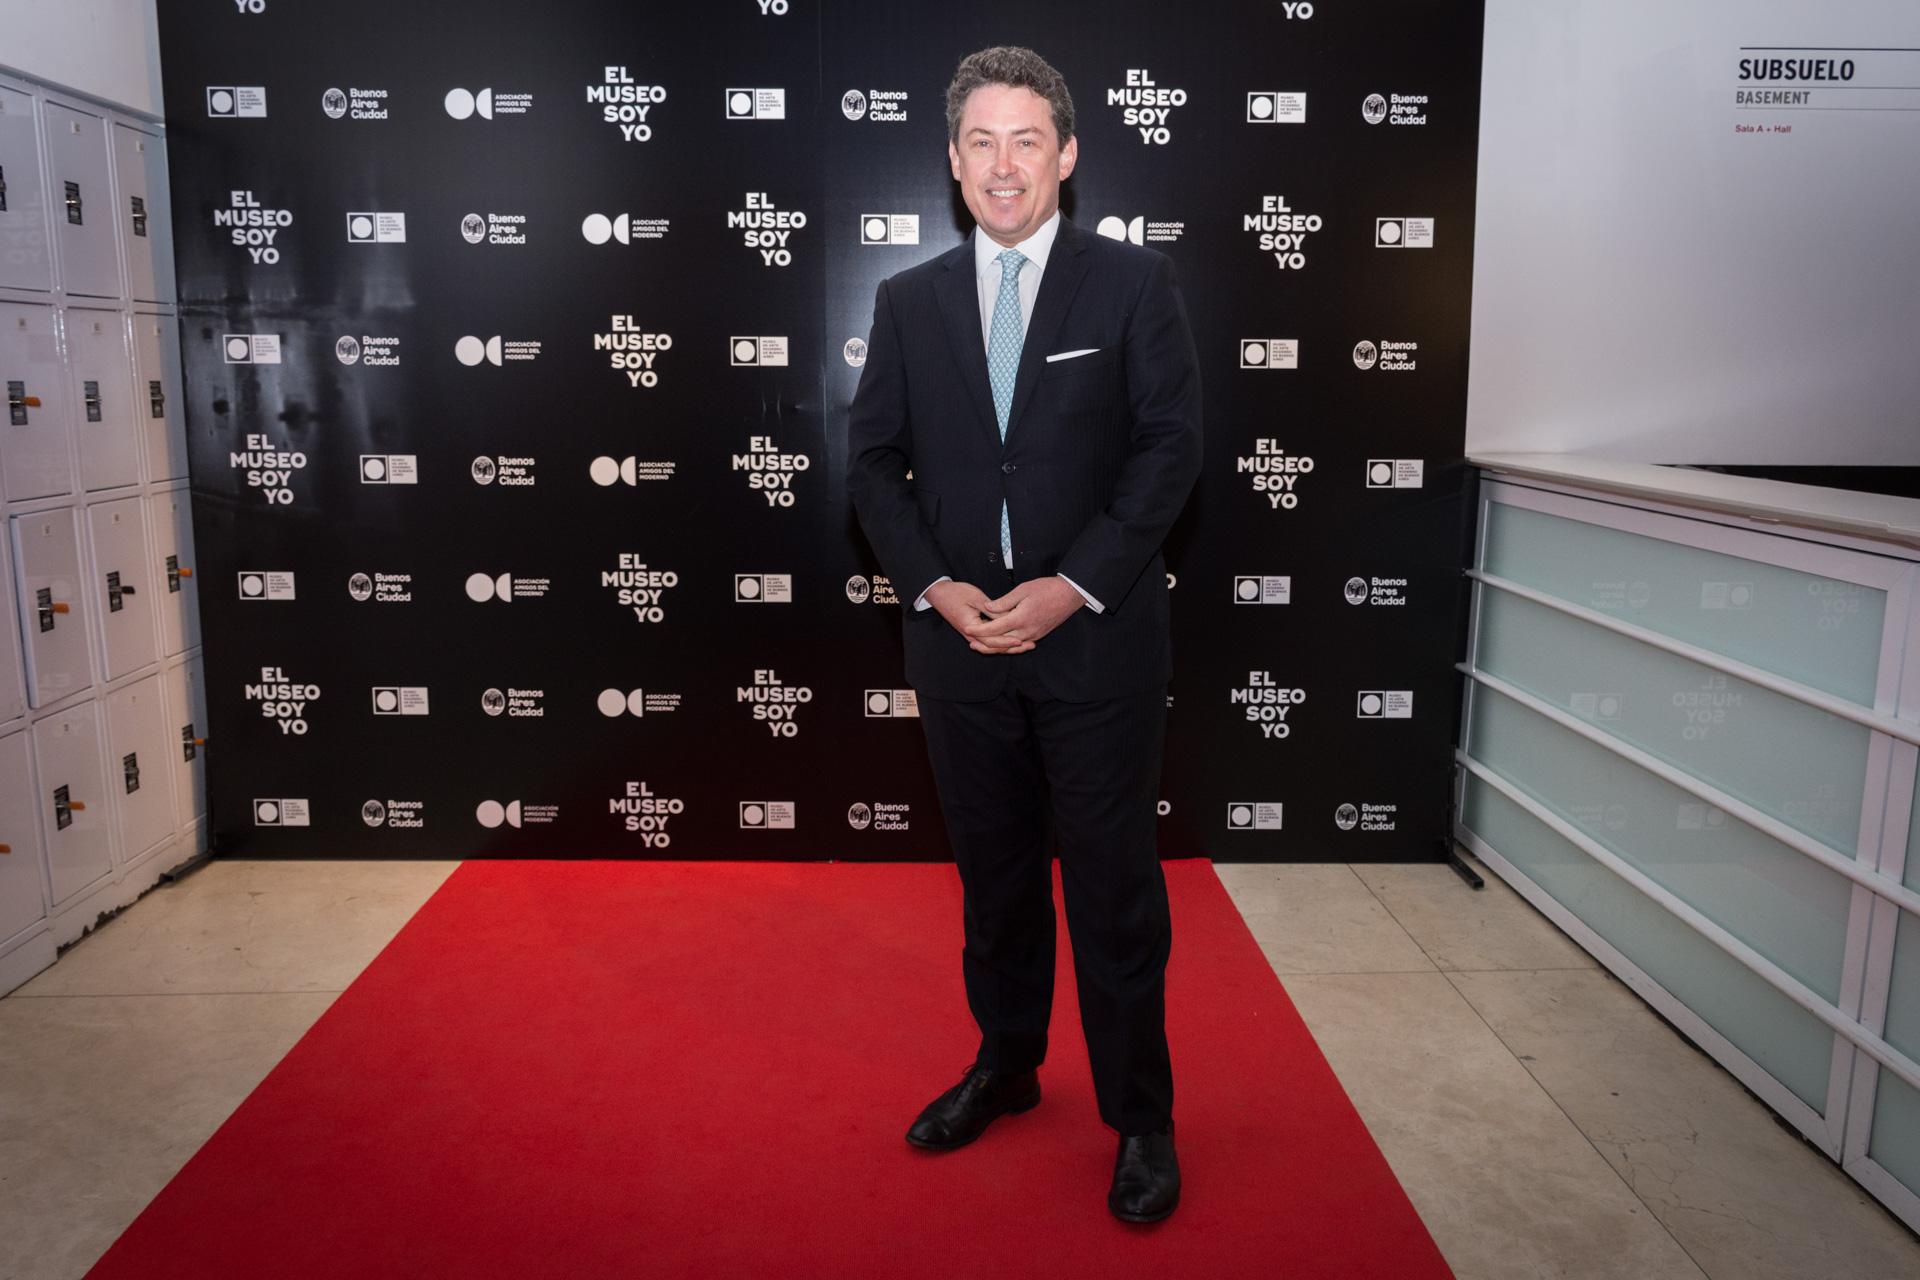 El ex embajador de los Estados Unidos en la Argentina, Noah Mamet. Esta tercera etapa está orientada a poner a disposición del público y de la comunidad artística la totalidad de la superficie del Moderno, que comprende 14.950 metros cuadrados, al cumplirse 62 años de su fundación